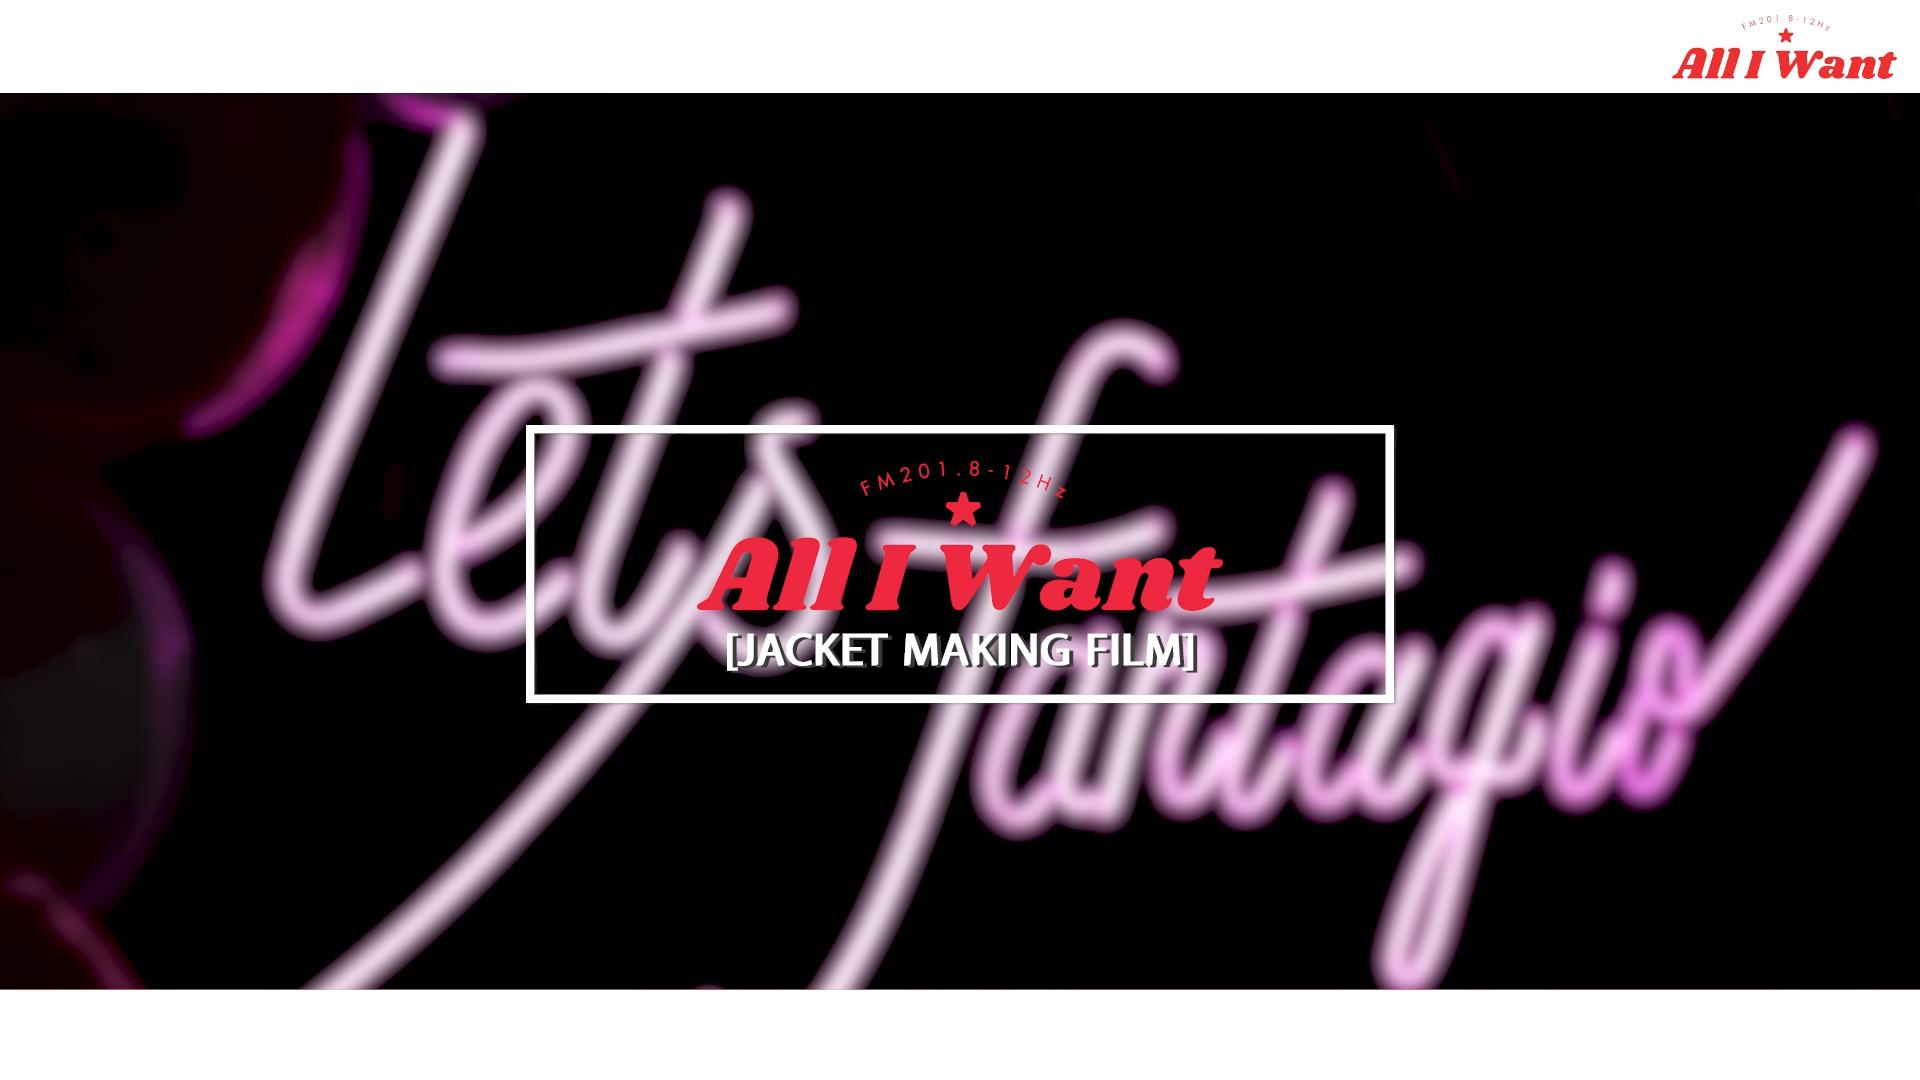 [FM201.8] HELLOVENUS, ASTRO, Weki Meki - 'All I Want' JACKET MAKING FILM